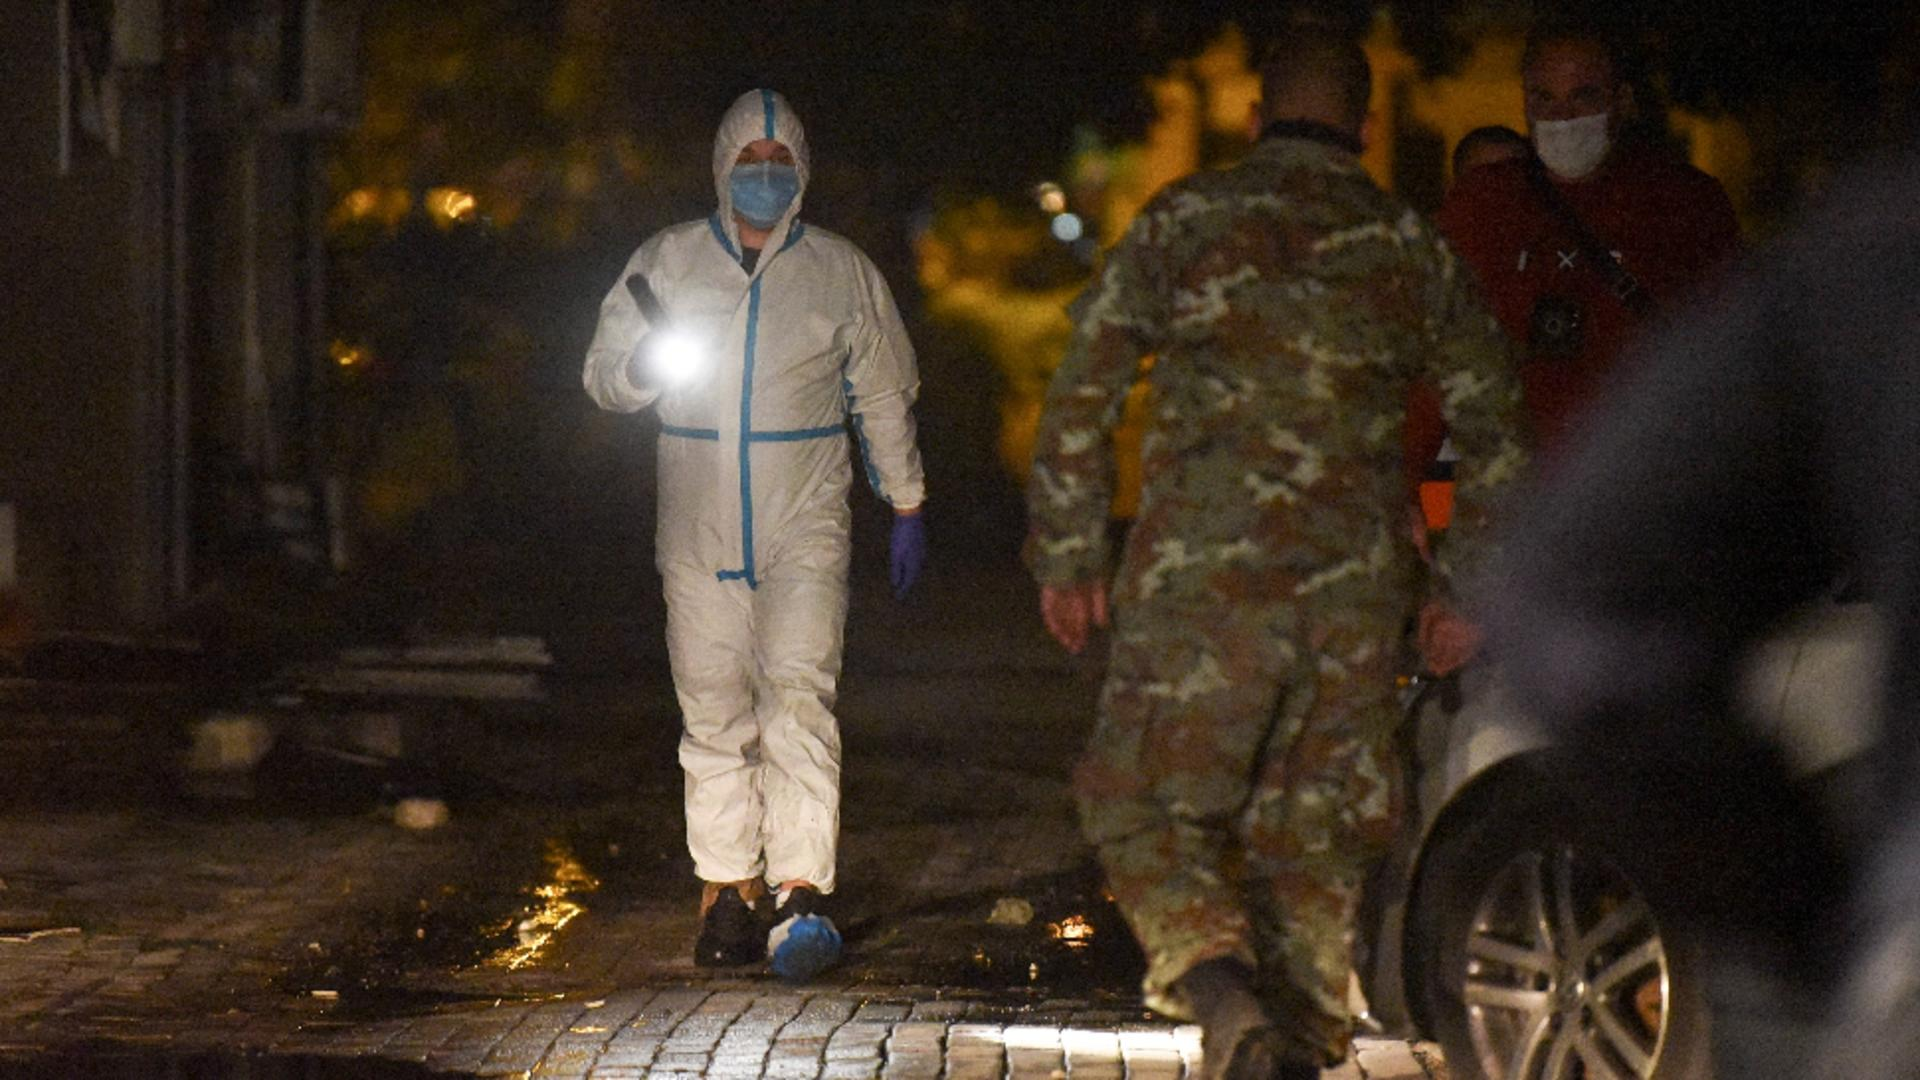 Incendiu violent, într-un spital Covid din Macedonia de Nord / Foto: Profi Media